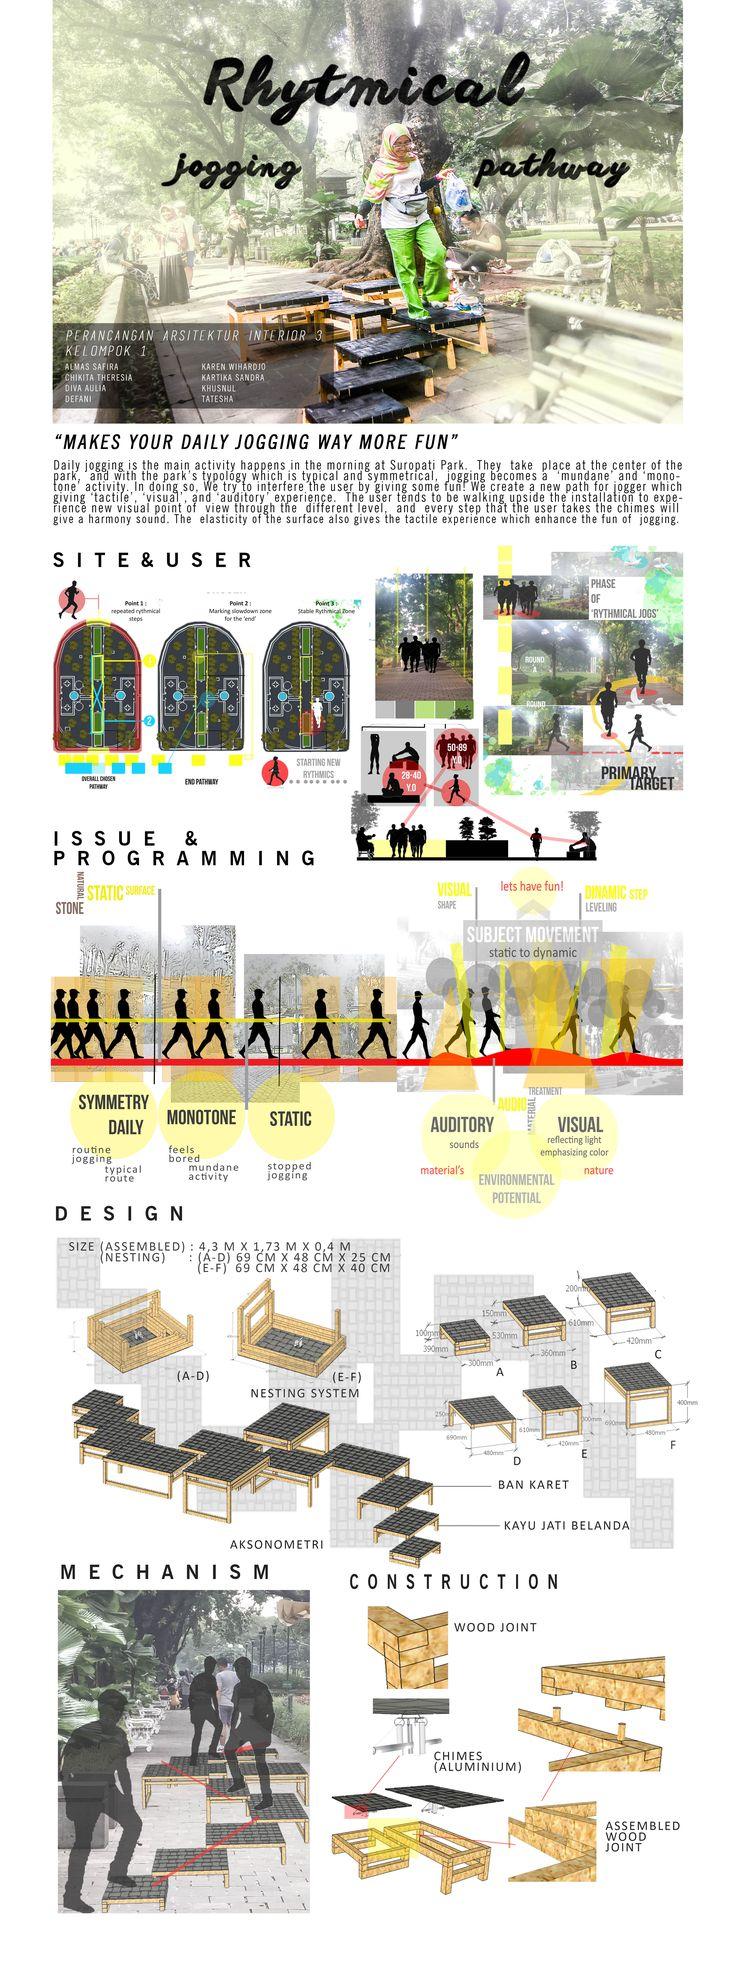 Design Class 3 Project 1 :  Presentasi digital singkat mengenai instalasi, dimulai dari site, konsep hingga konstruksi dan mekanisme instalasi.